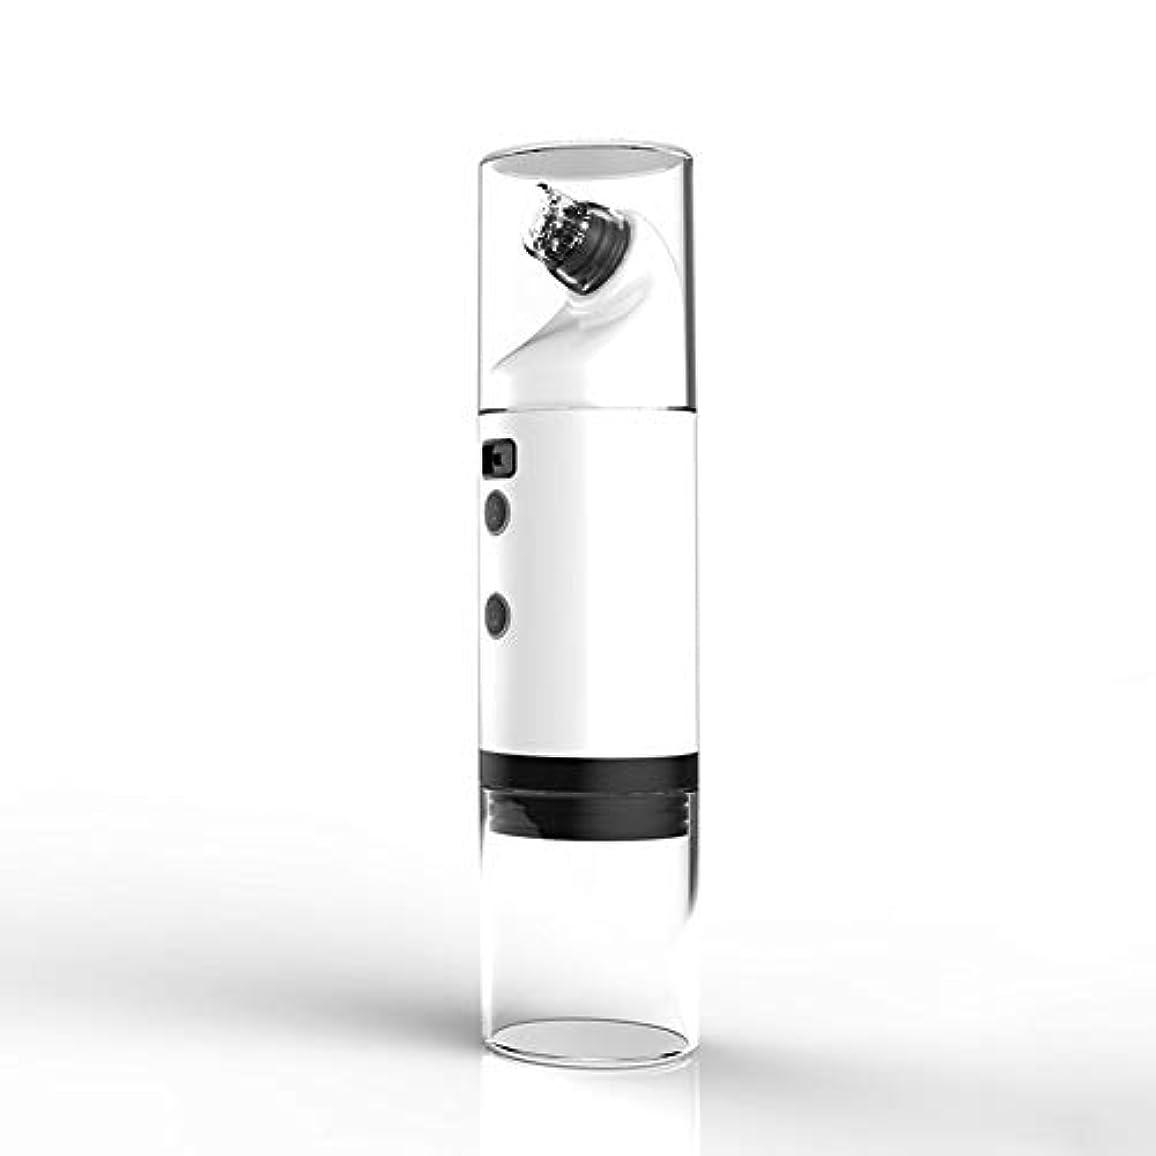 起きる近々シフトにきび楽器、電気吸引にきび世帯、毛穴クリーニング小さな泡美容器具、、フェイス鼻のためのLEDディスプレイと充電式USBおでこホワイトヘッドクリーン